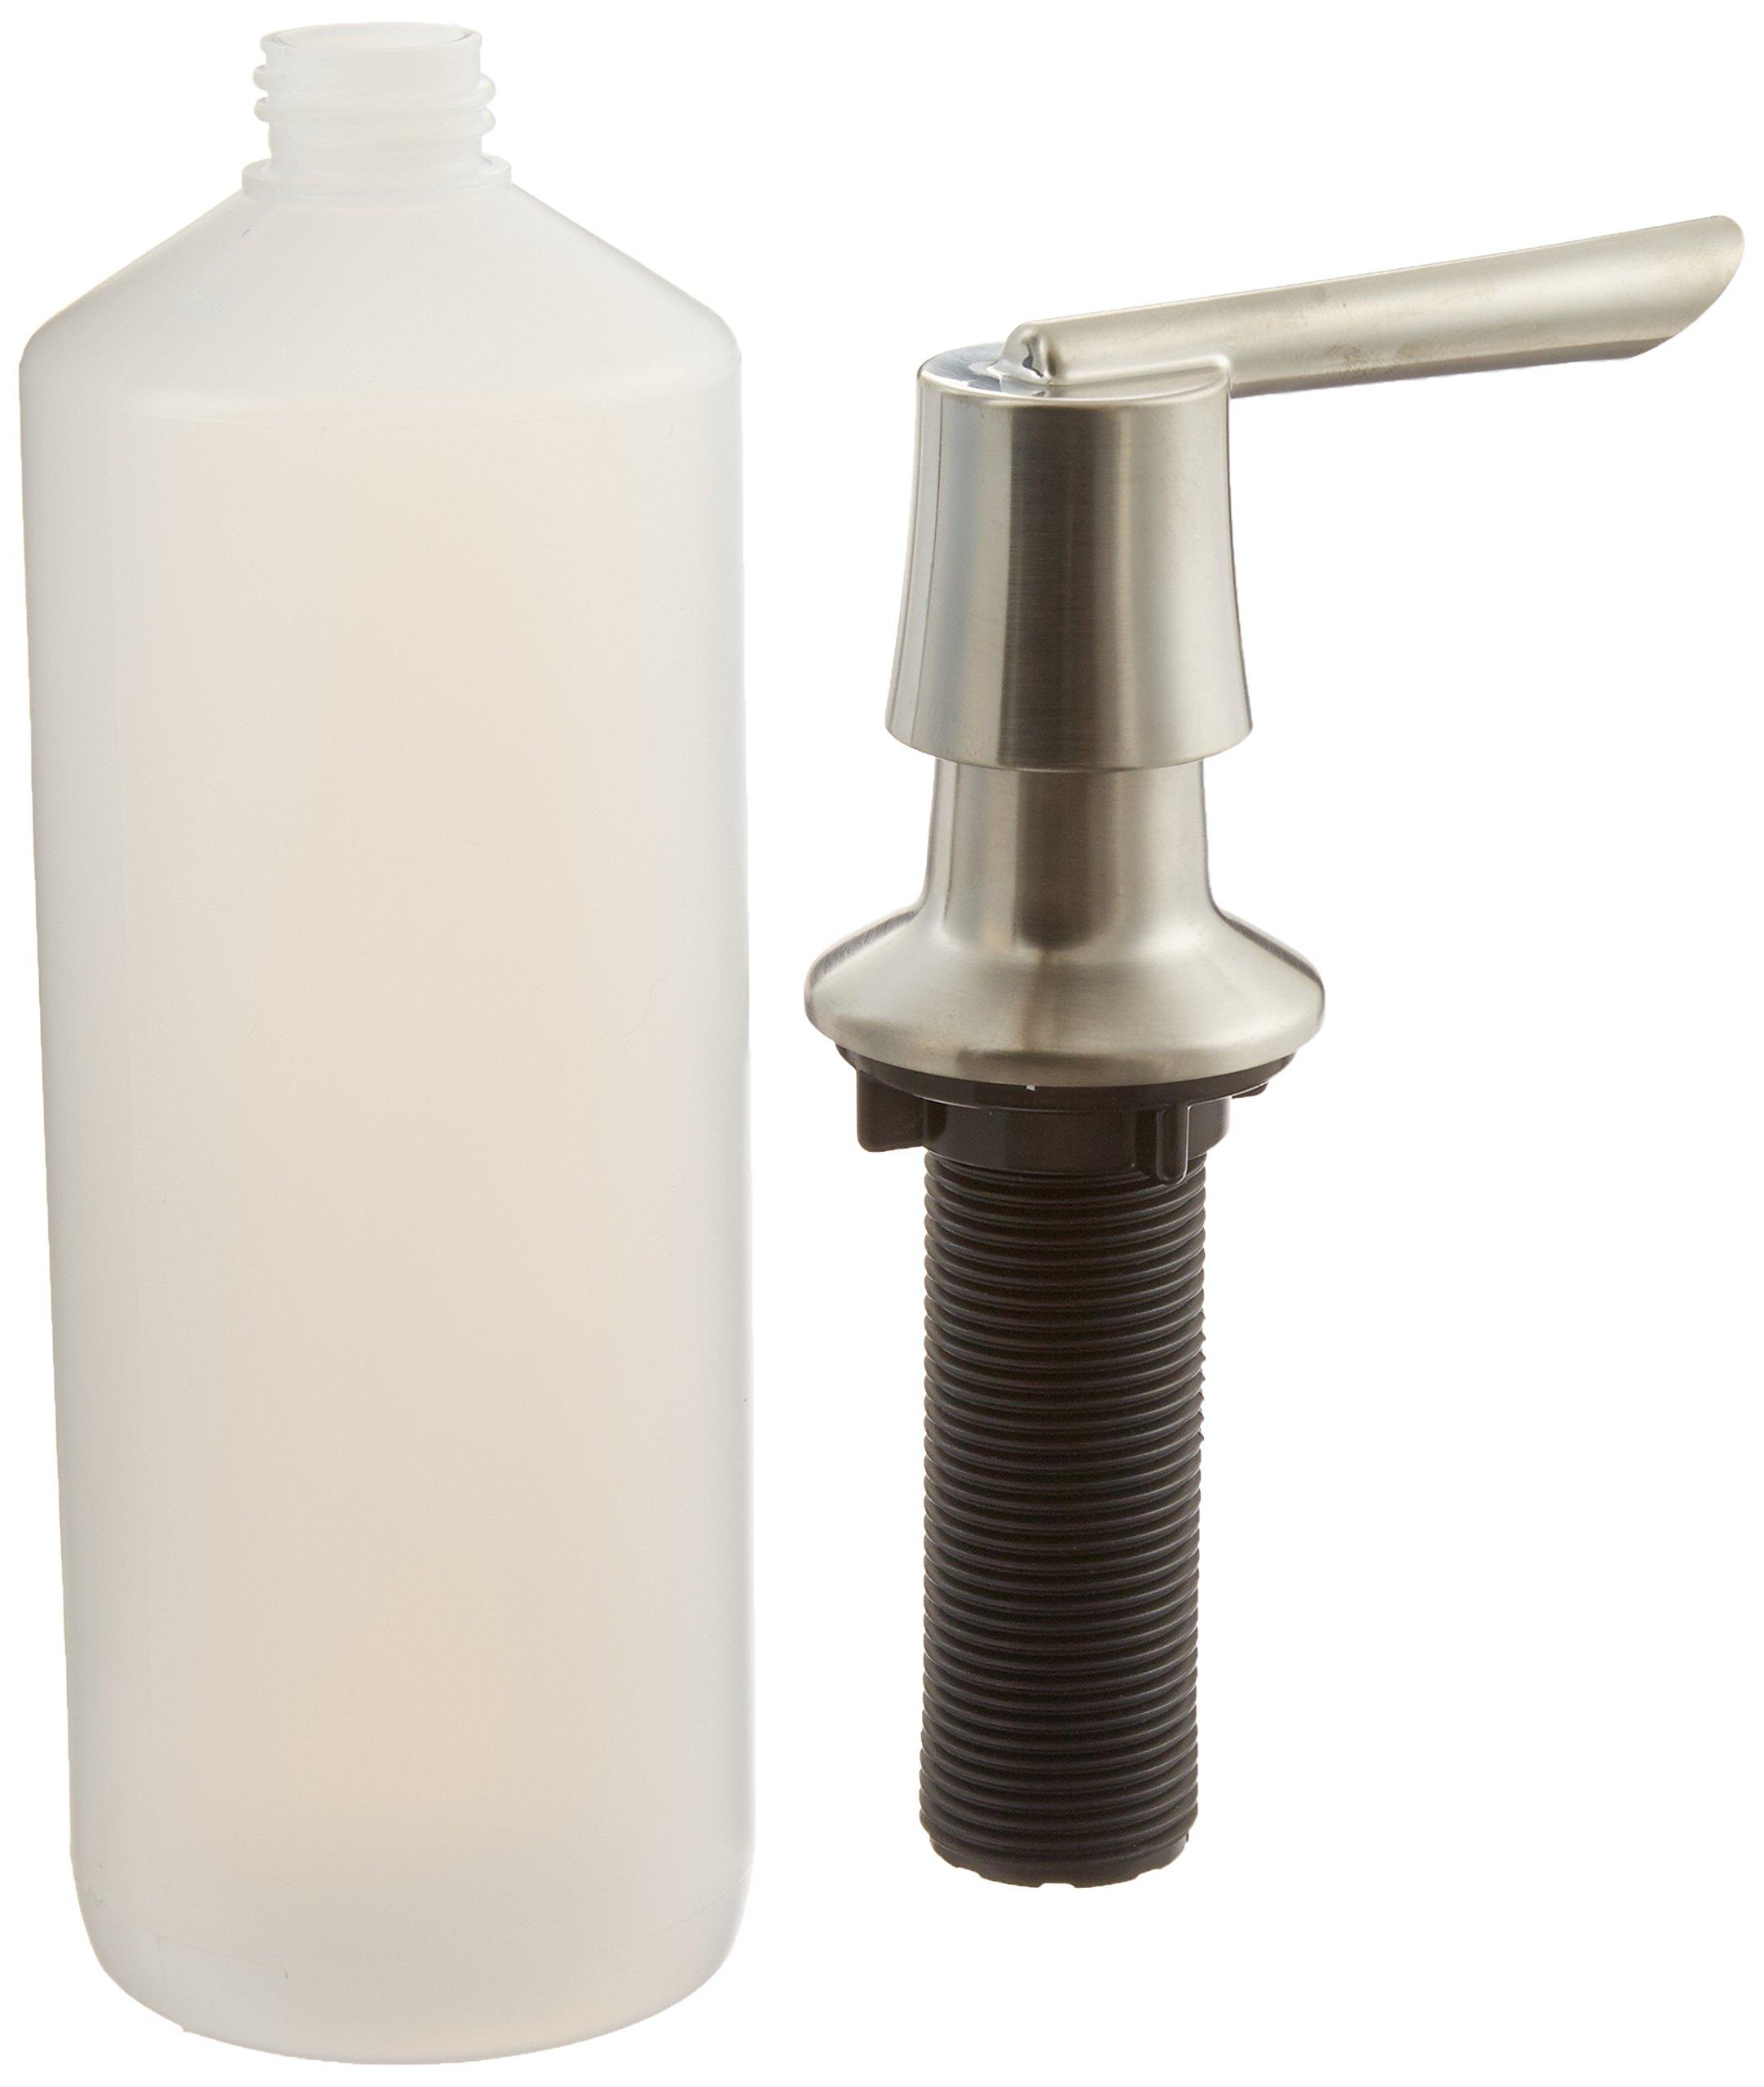 Pfister 950508S Soap Dispenser Assembly, Stainless Steel